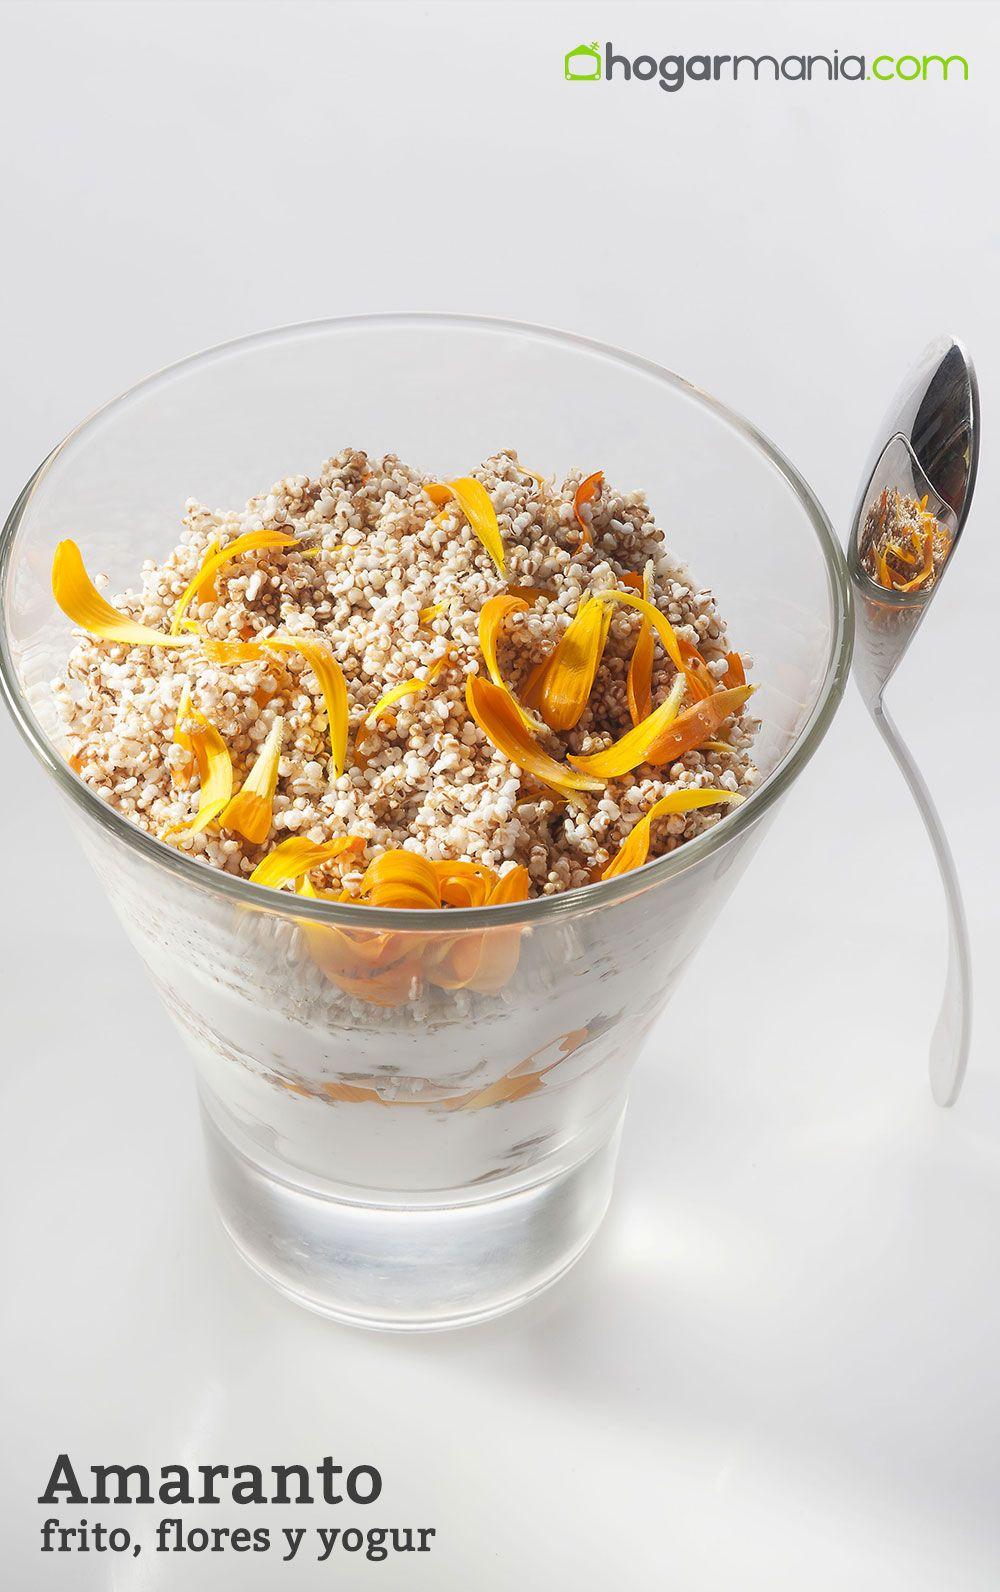 Amaranto frito, flores y yogur